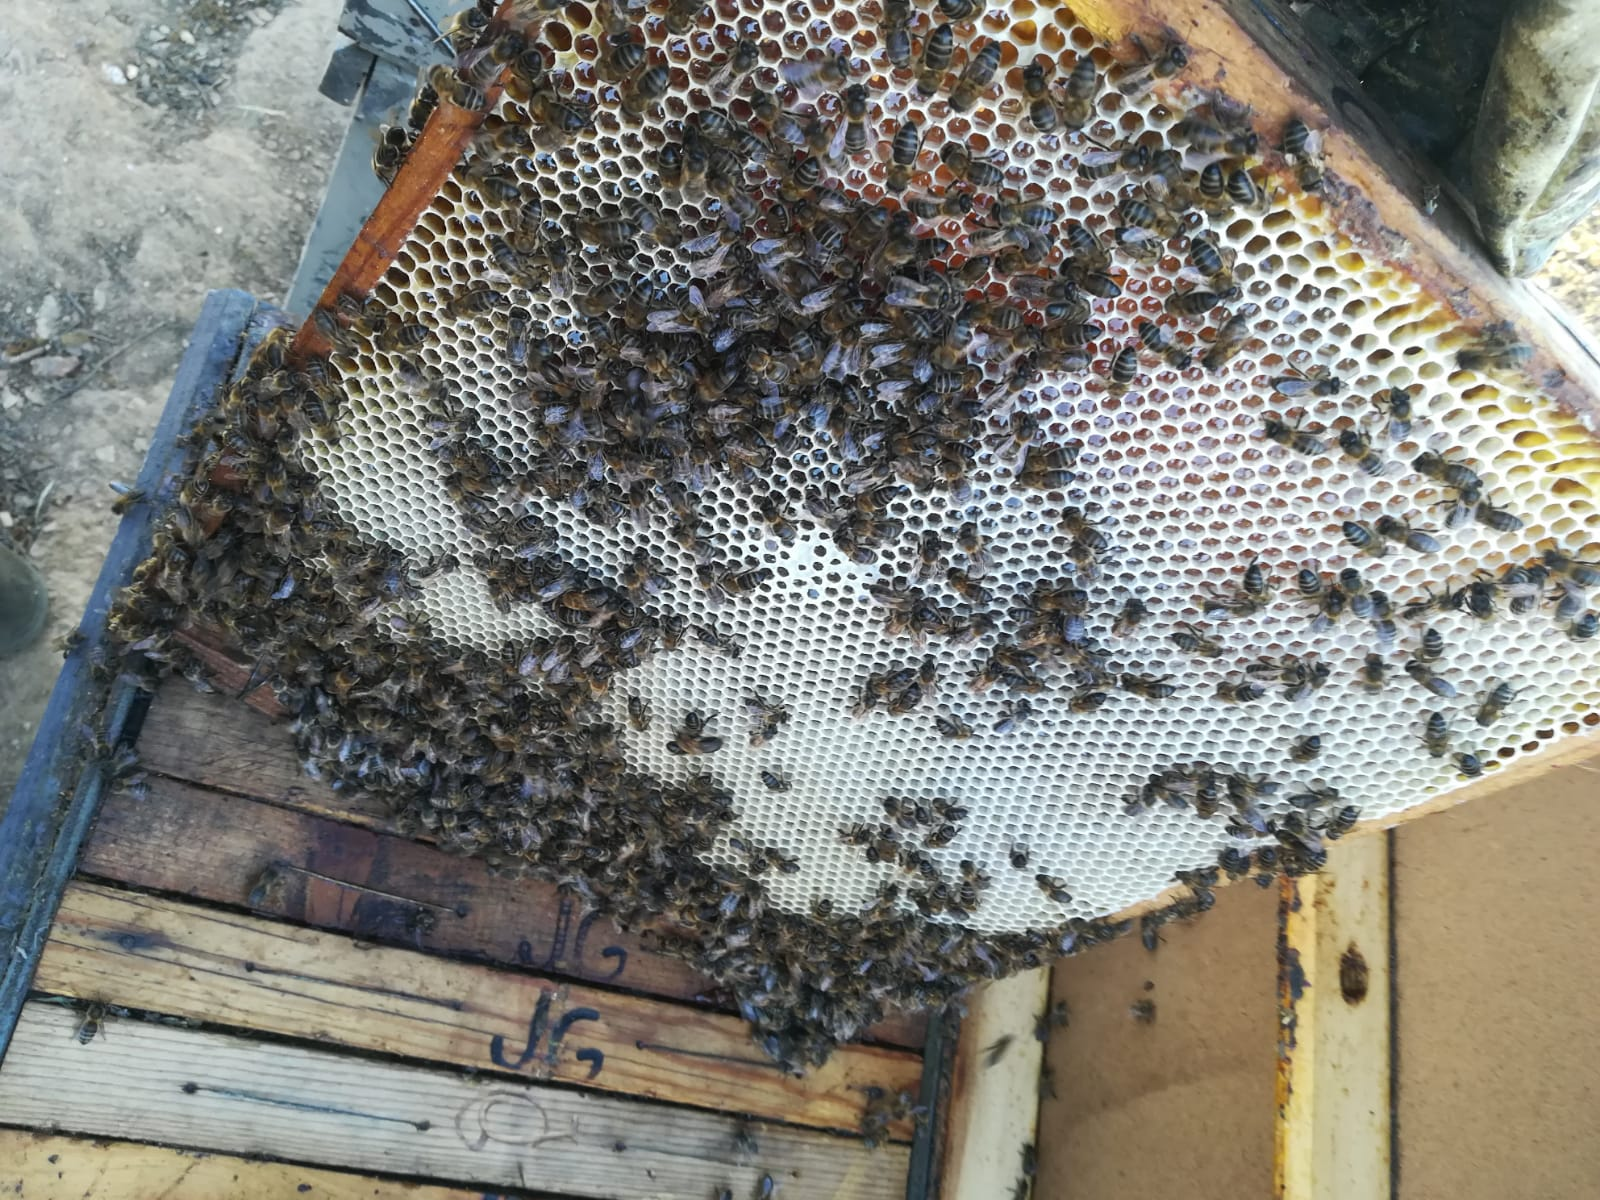 Nuevos atentados contra la apicultura trashumante: Más de diez millones de abejas mueren por asfixia